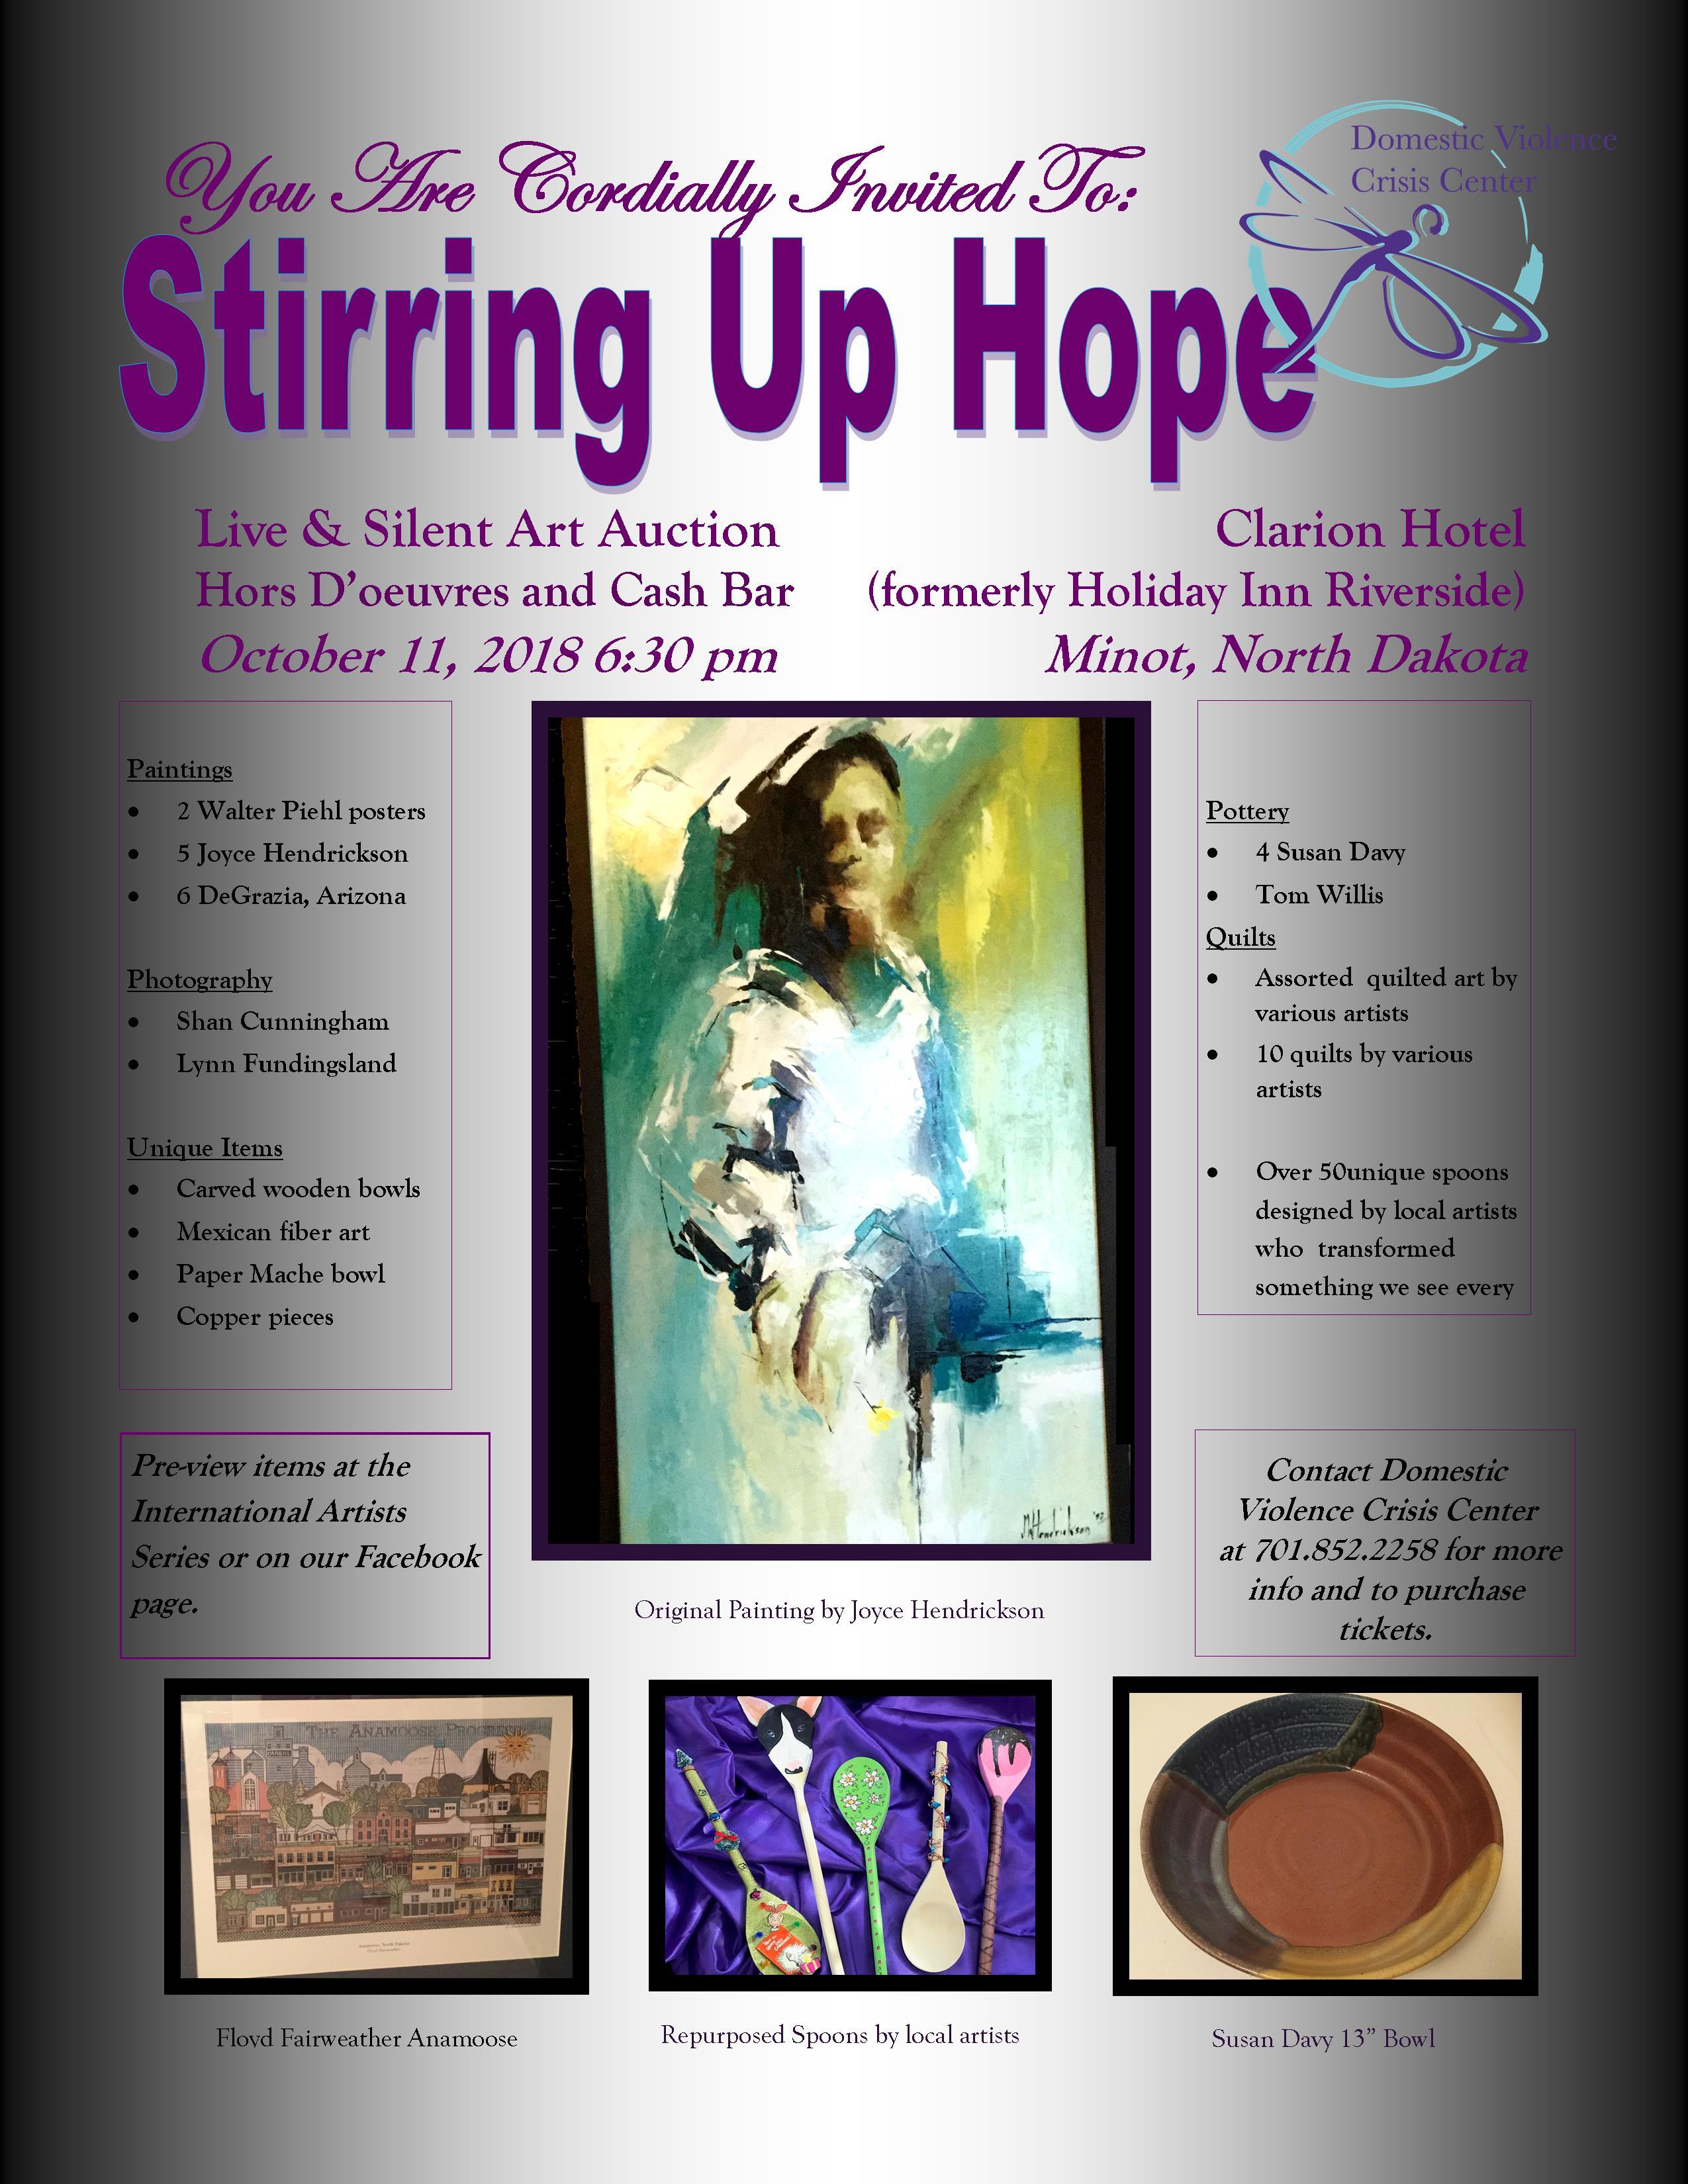 Stirring Up Hope